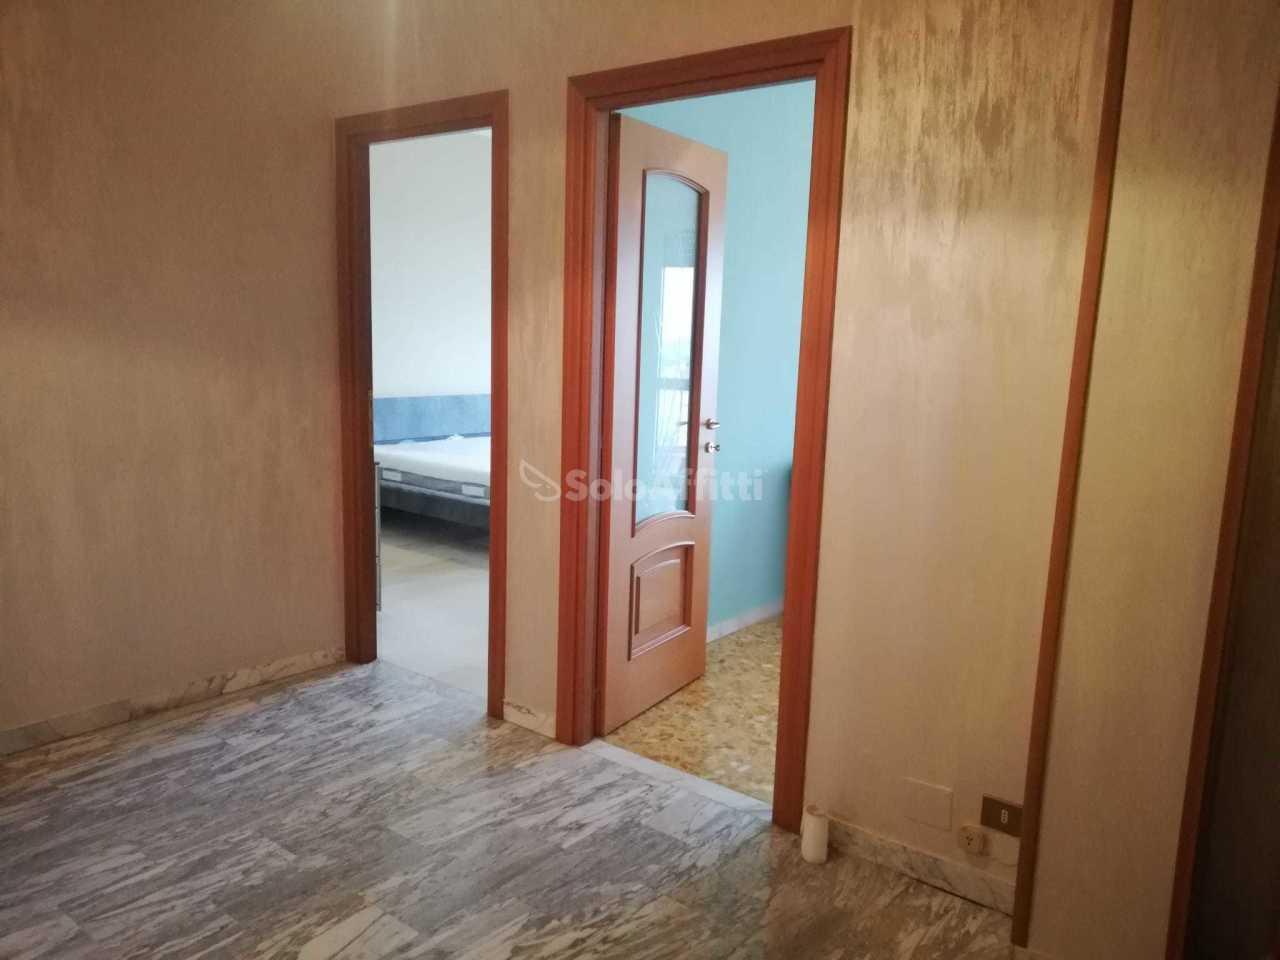 Appartamento in affitto a Rivalta di Torino, 3 locali, prezzo € 440 | PortaleAgenzieImmobiliari.it